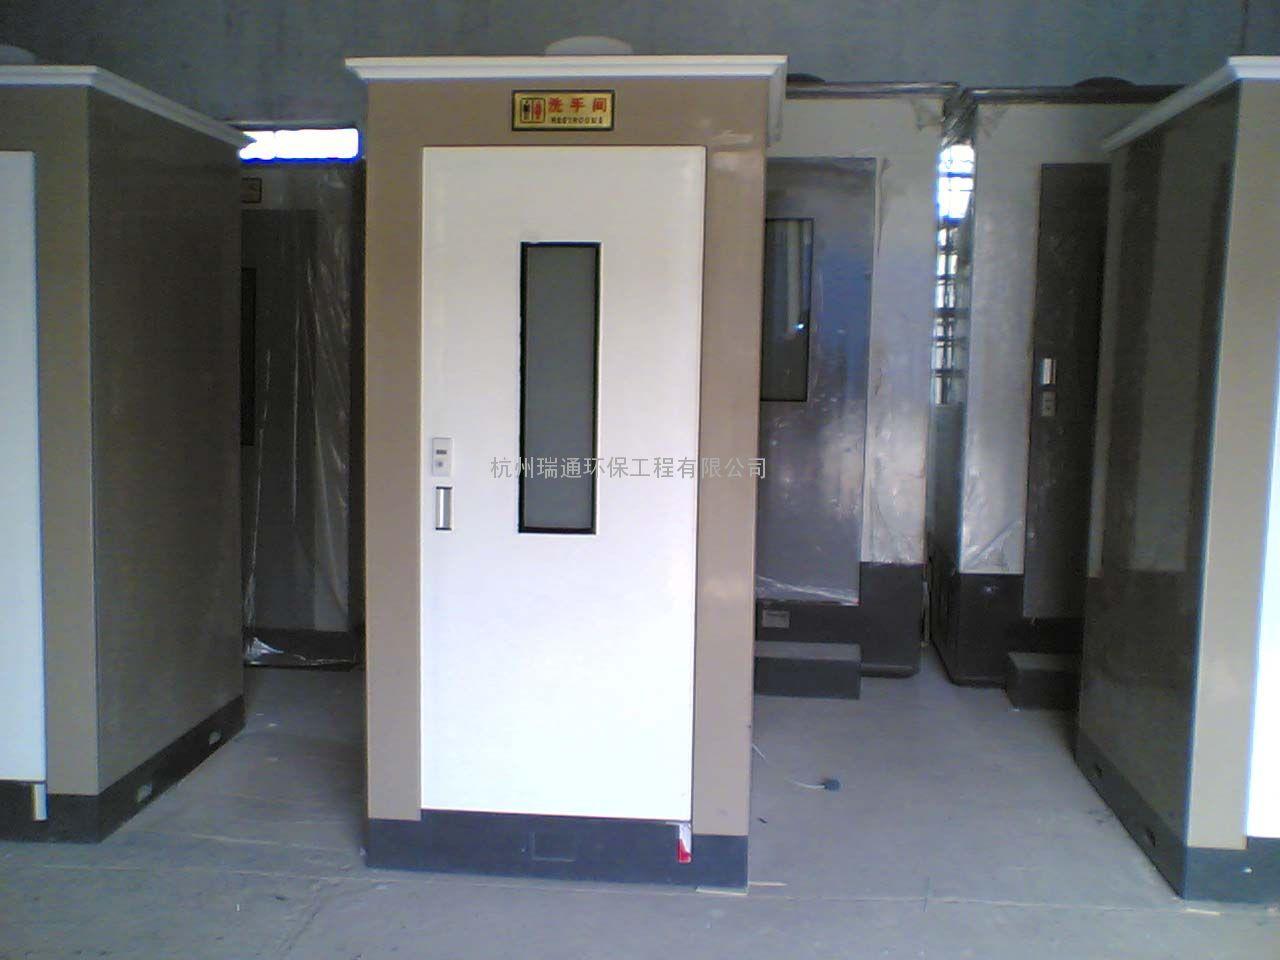 余杭A型移动厕所租赁公司 流动厕所 活动厕所租赁 价格 谷瀑环保